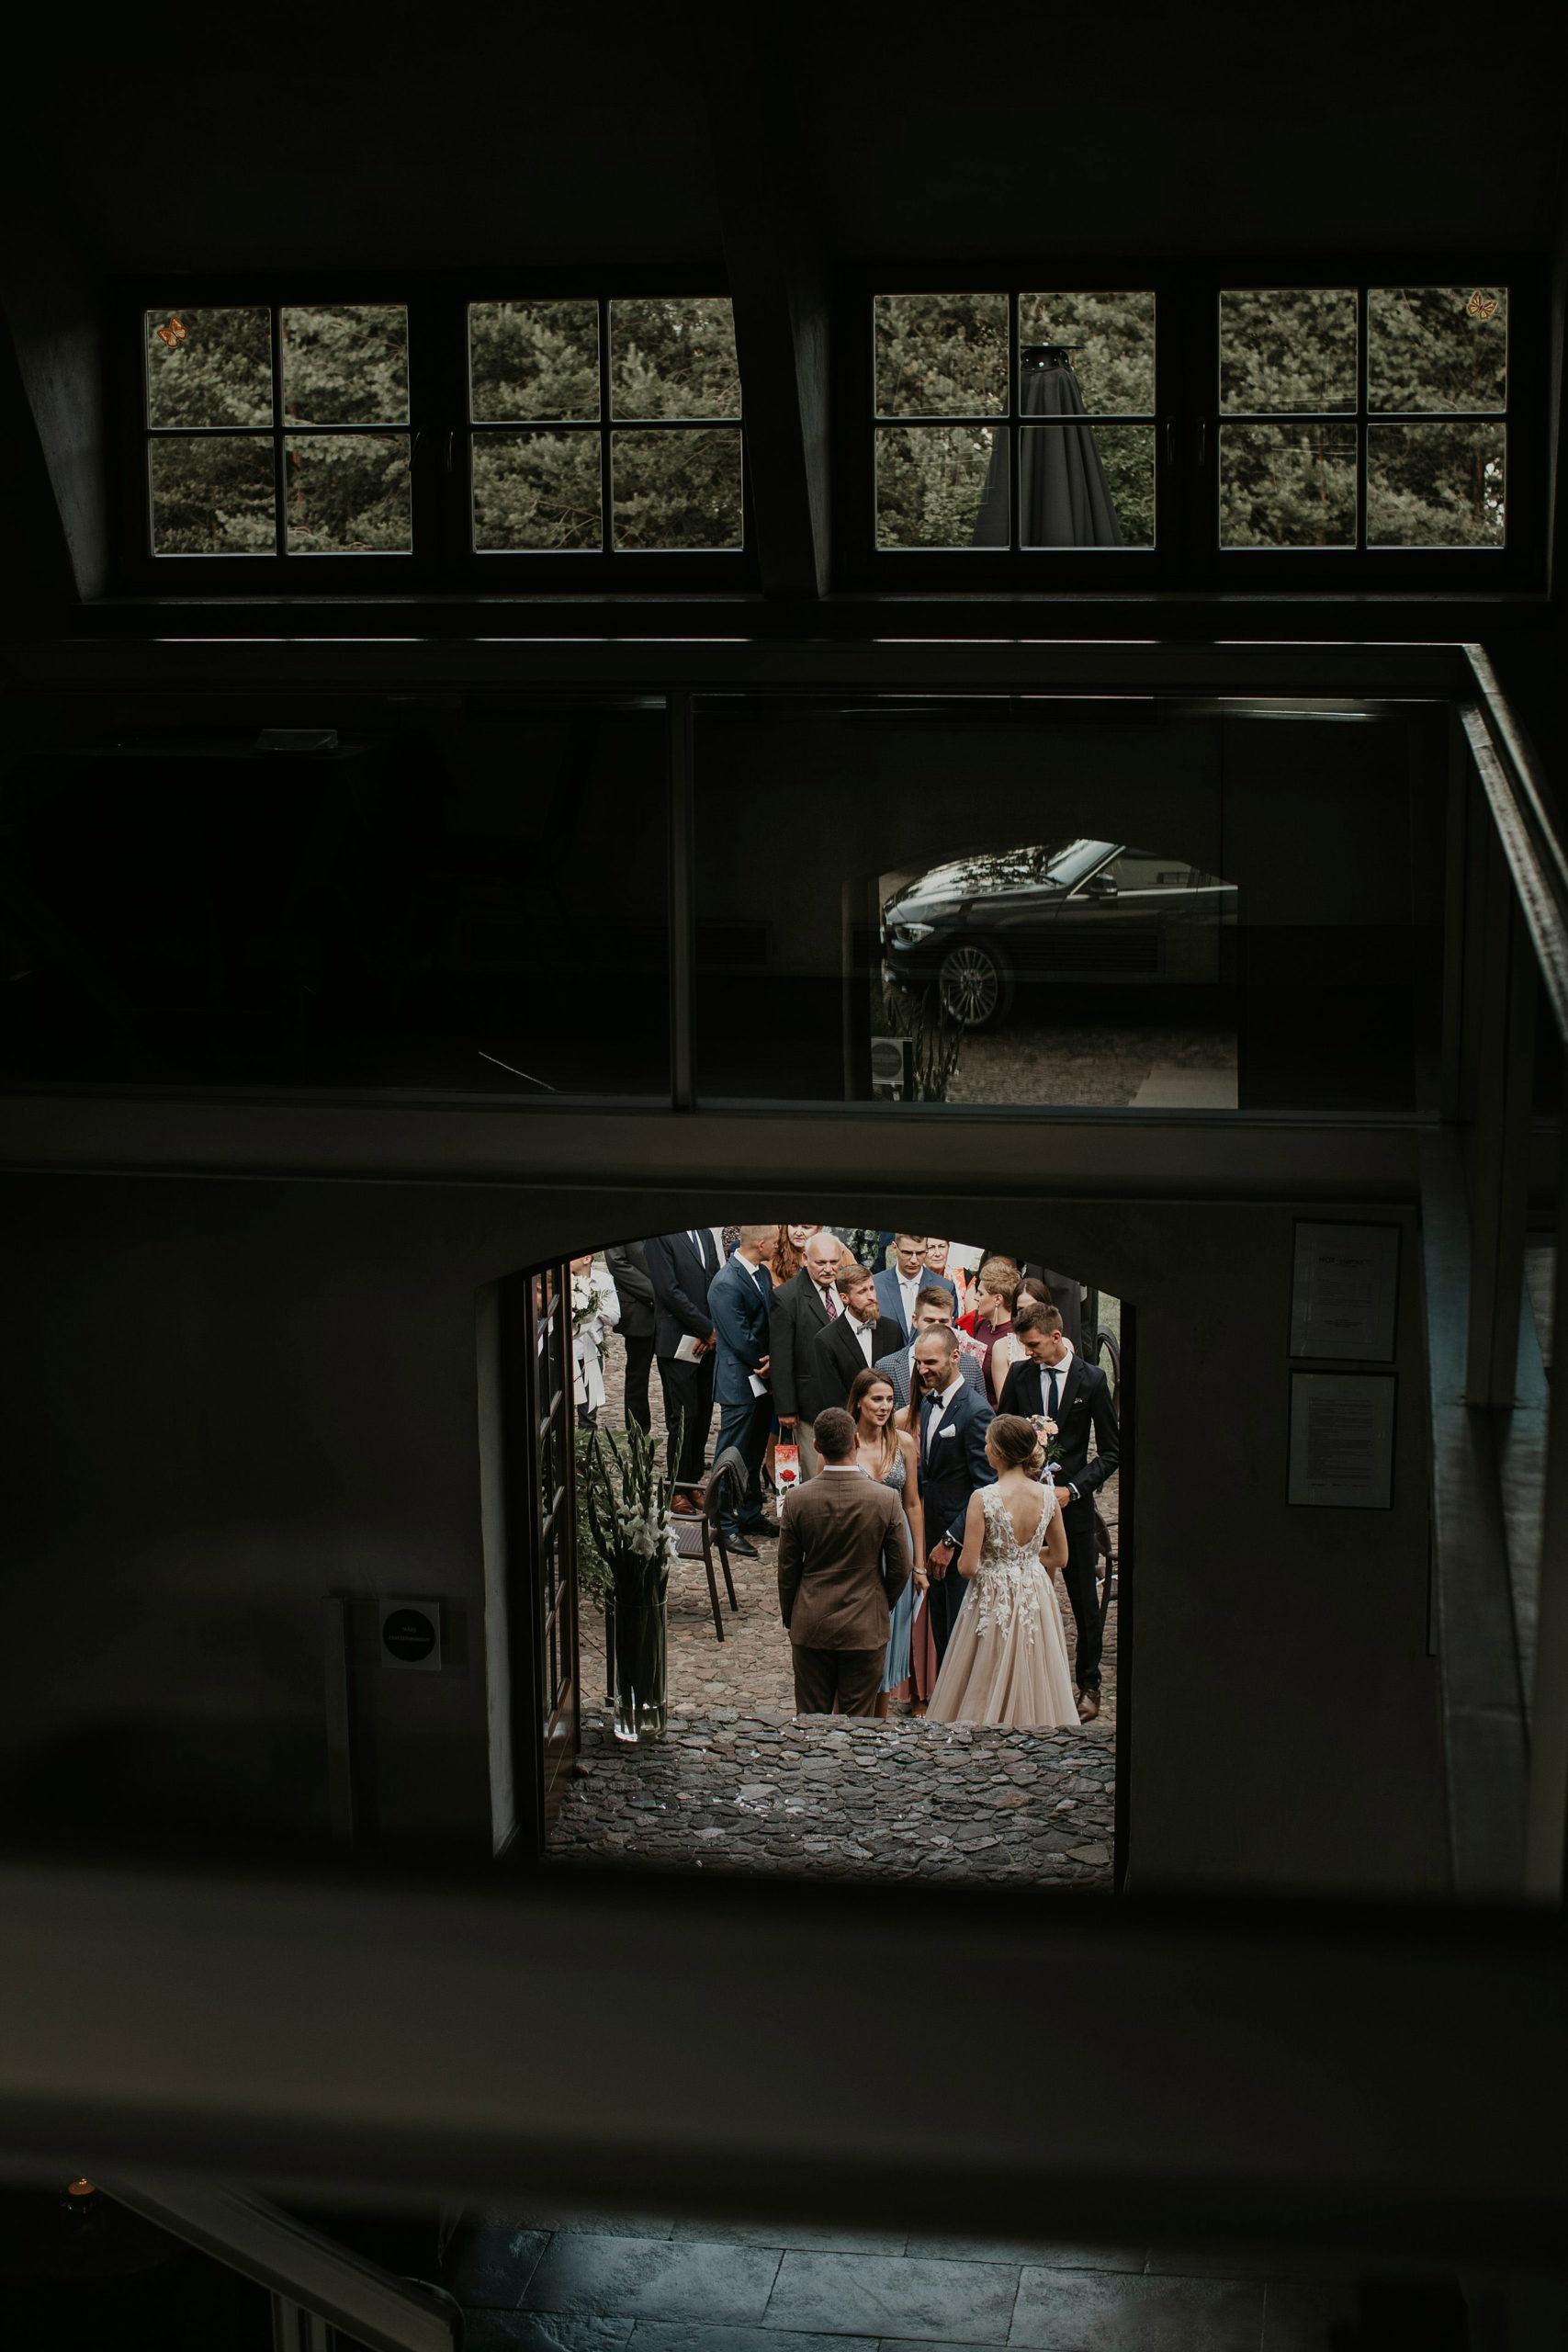 wesele hotelarnia puszczykowo 136 scaled